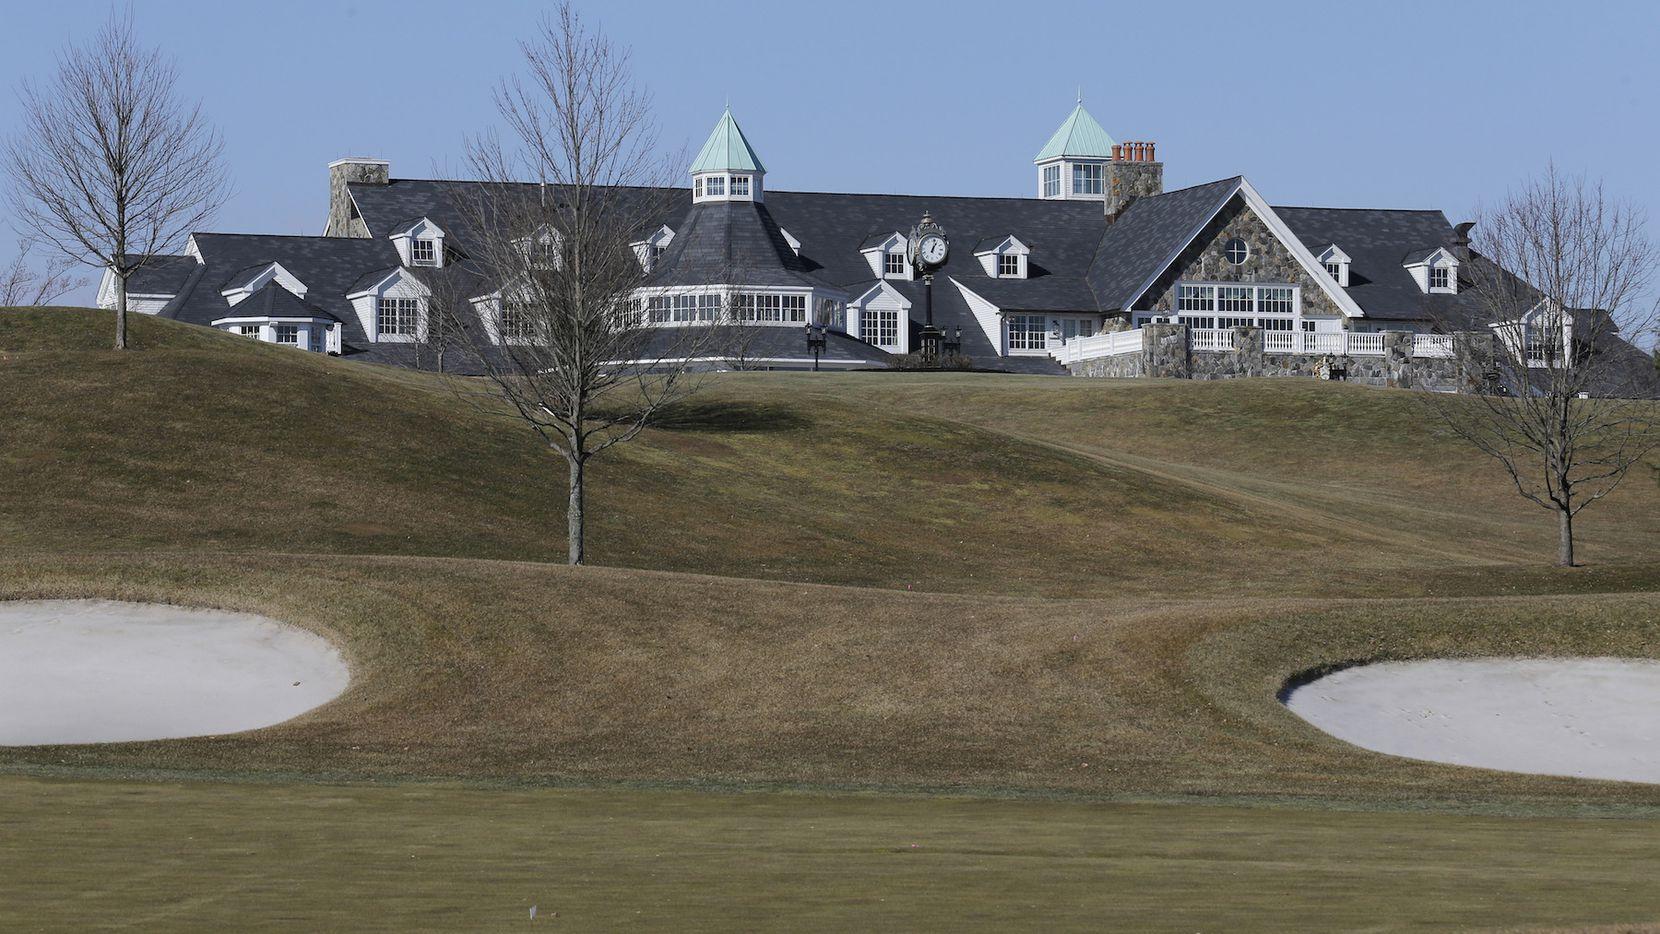 Sitio del Trump National Golf Club en Briarcliff Manor, N.Y. AP